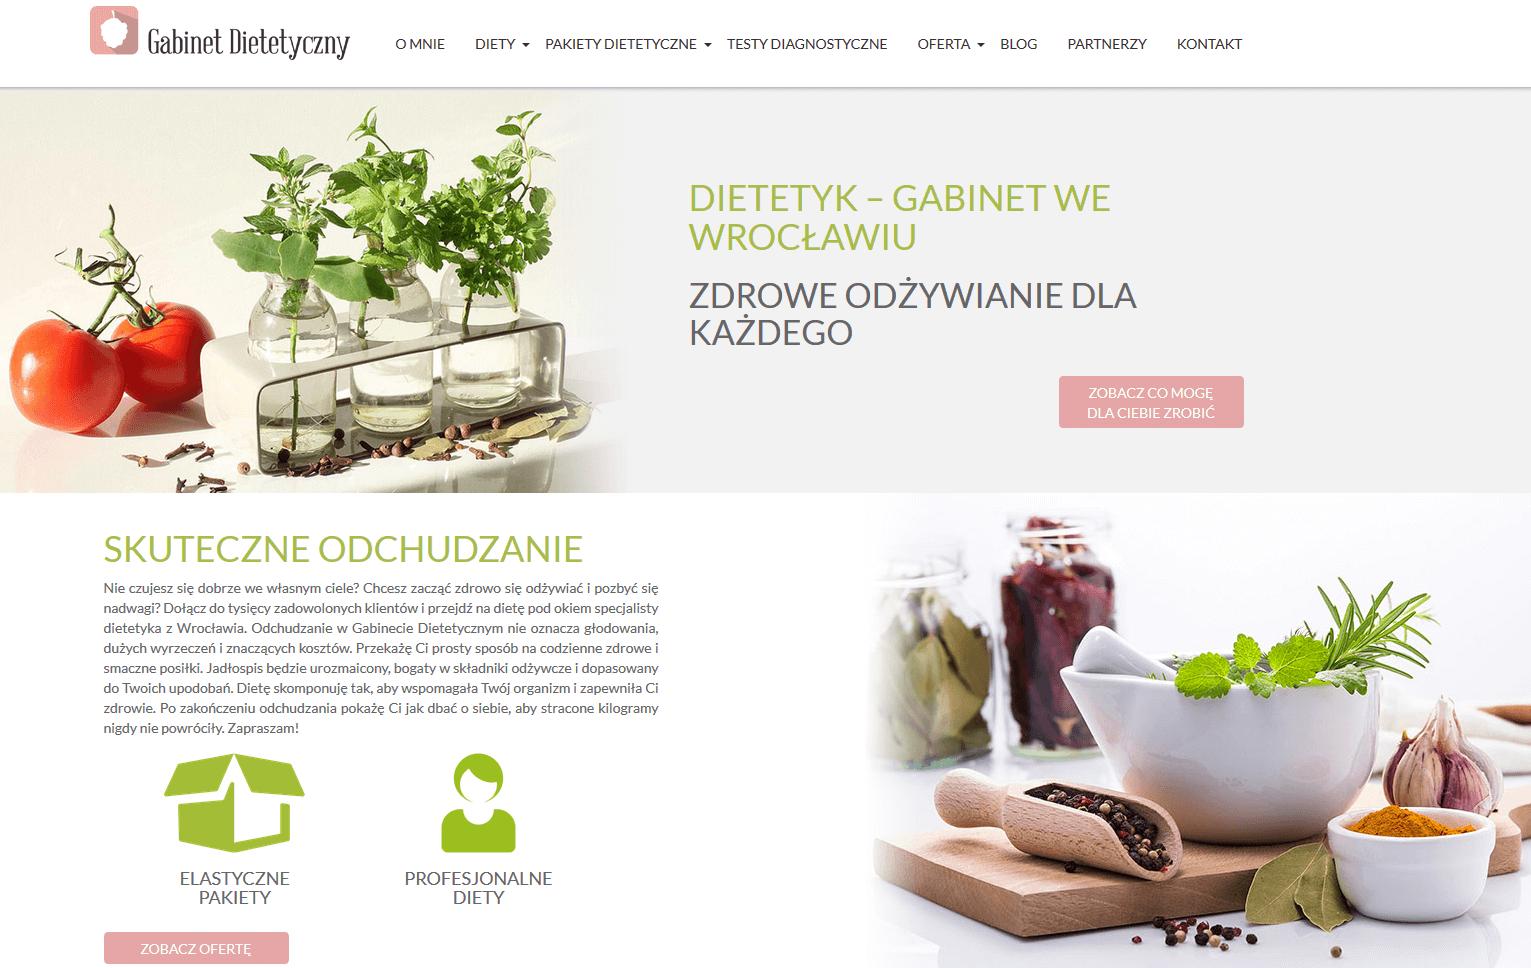 gabinet dietetyczny strona internetowa